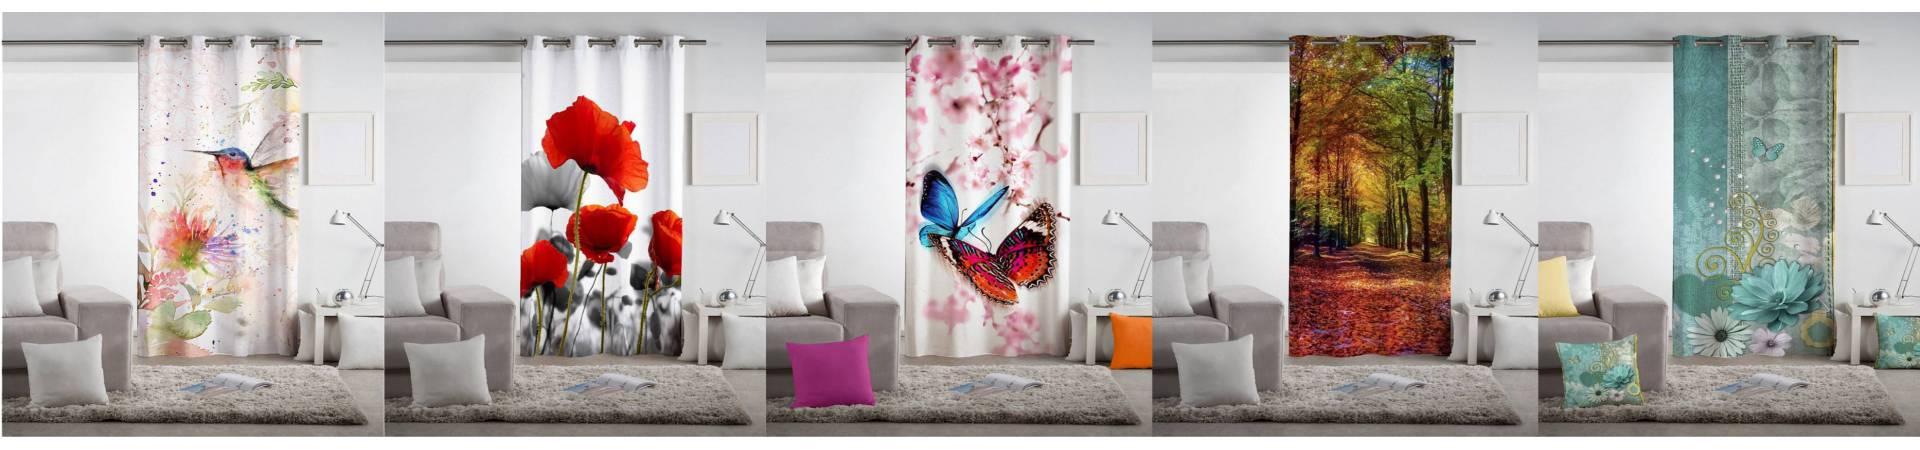 Decor Curtain